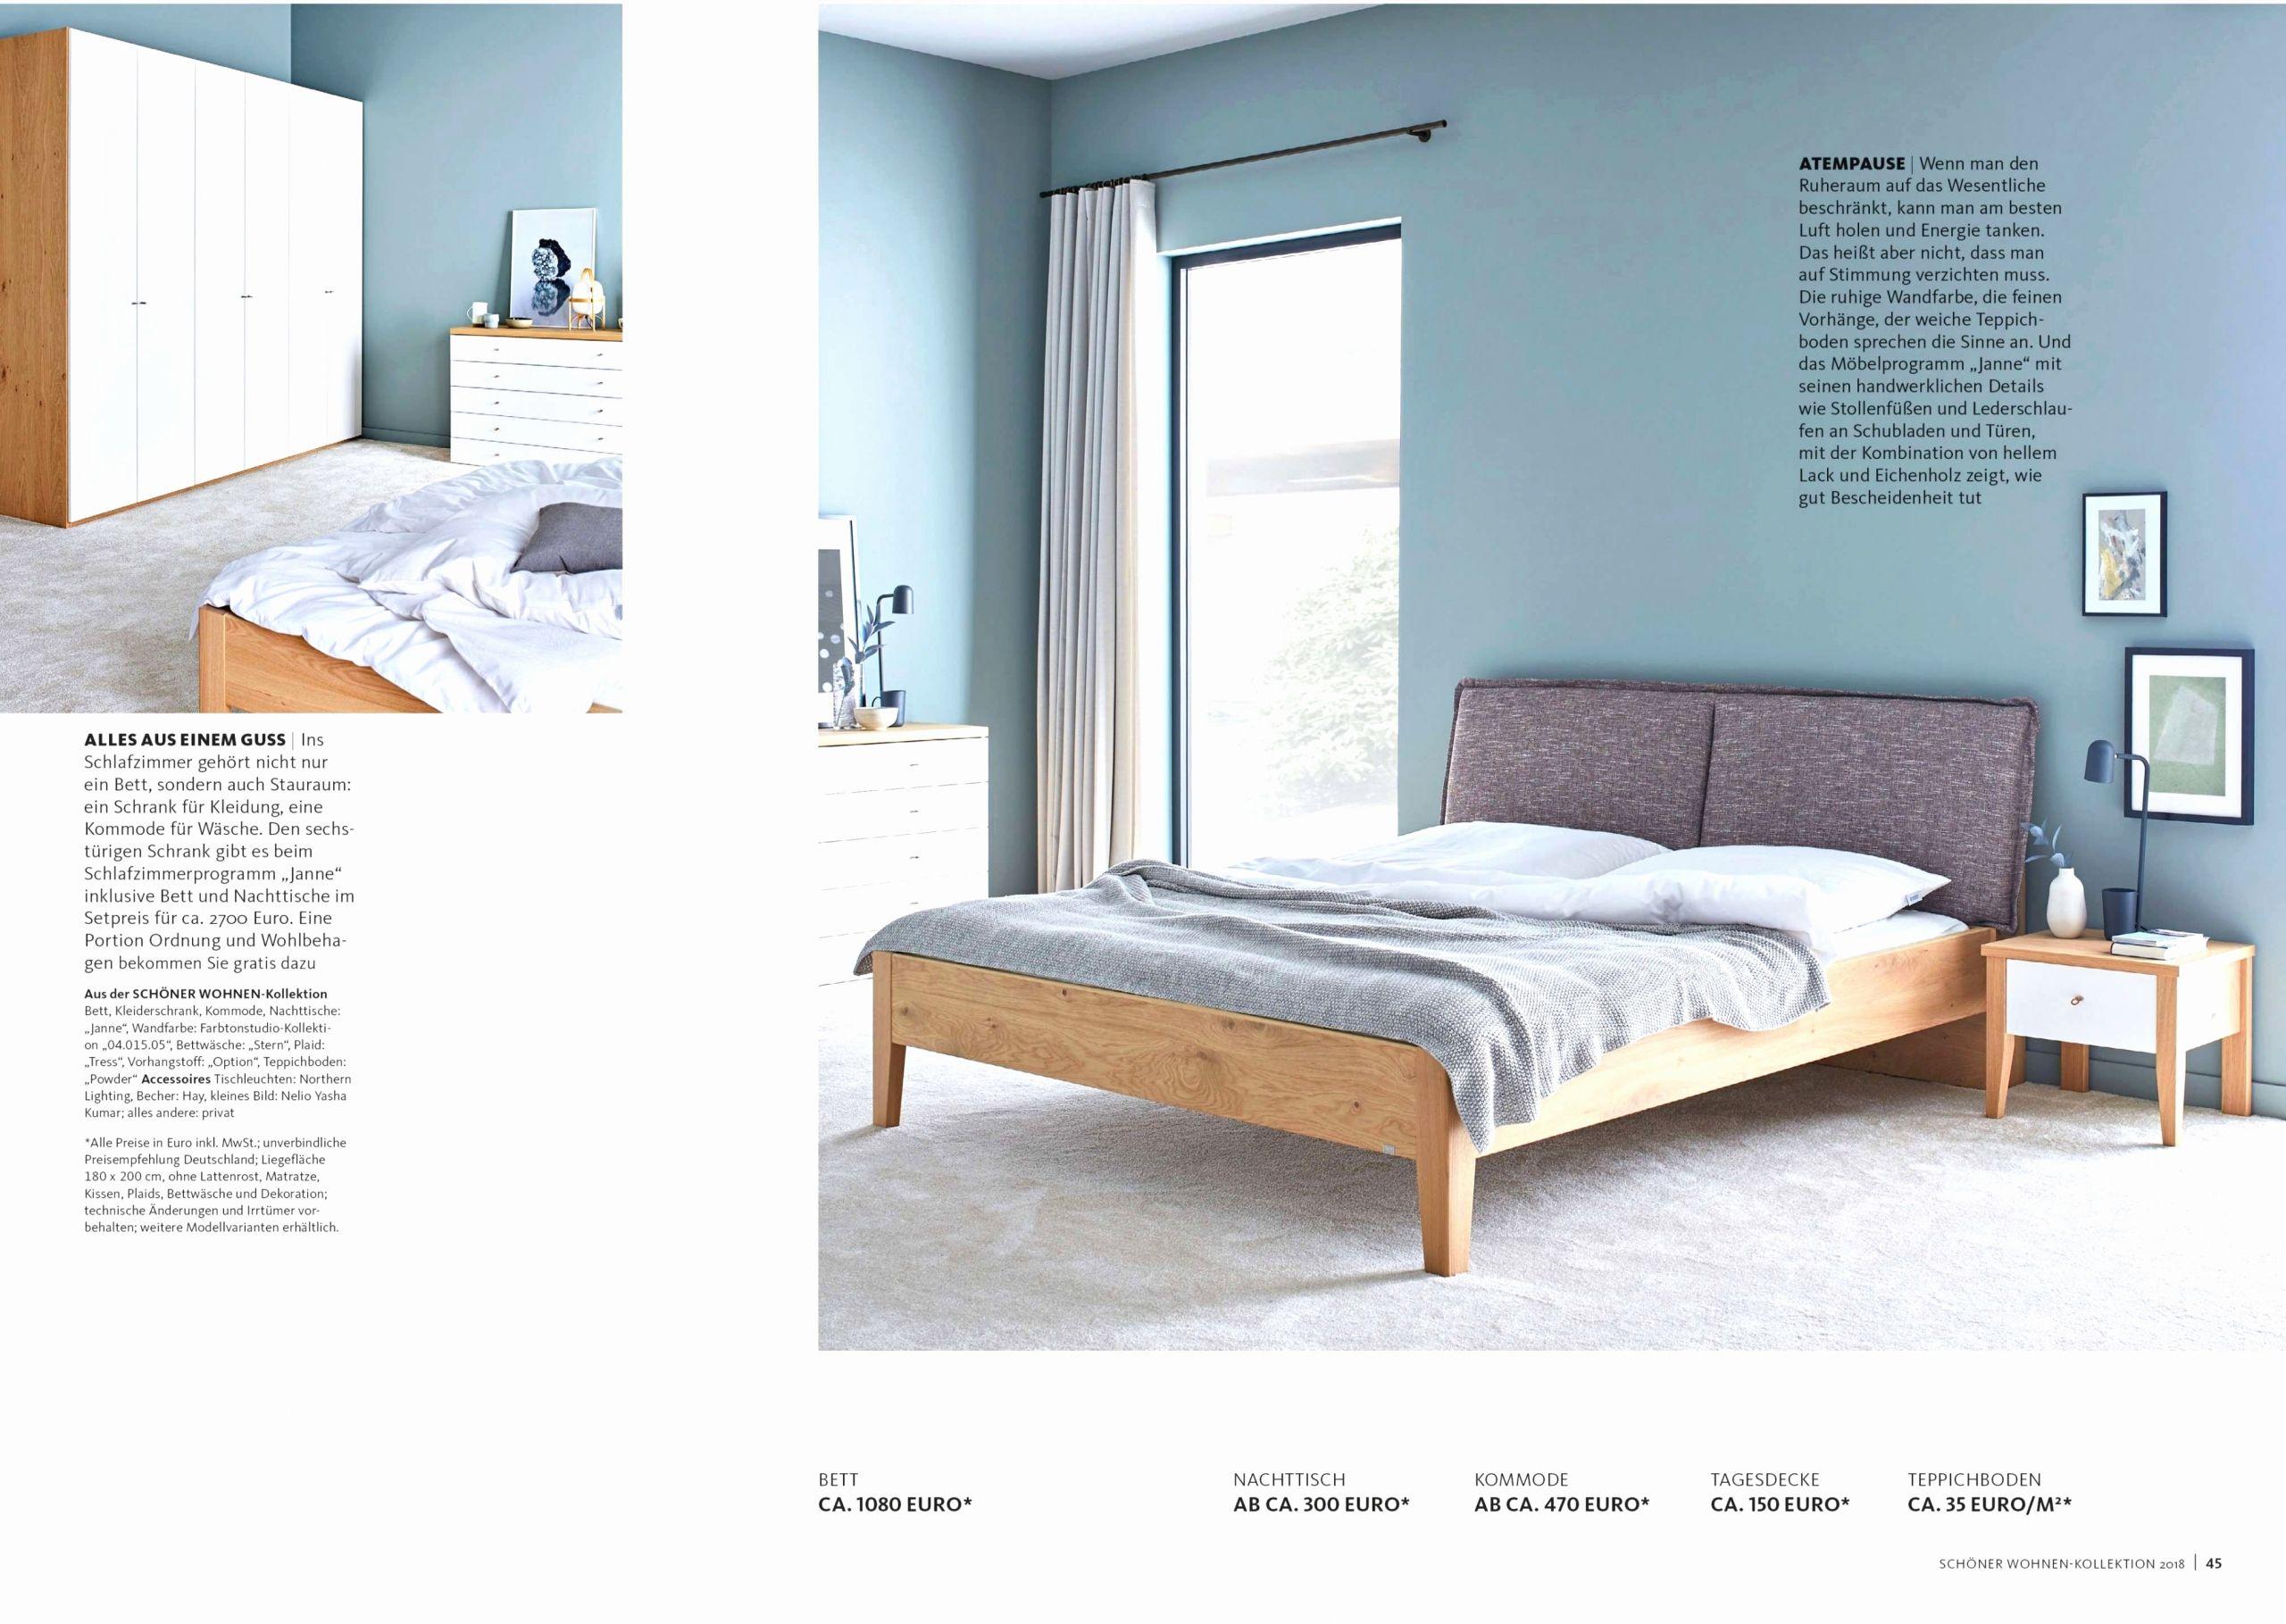 bilder zum selber malen neu luxus 24 pompom teppich selber machen konzept of bilder zum selber malen